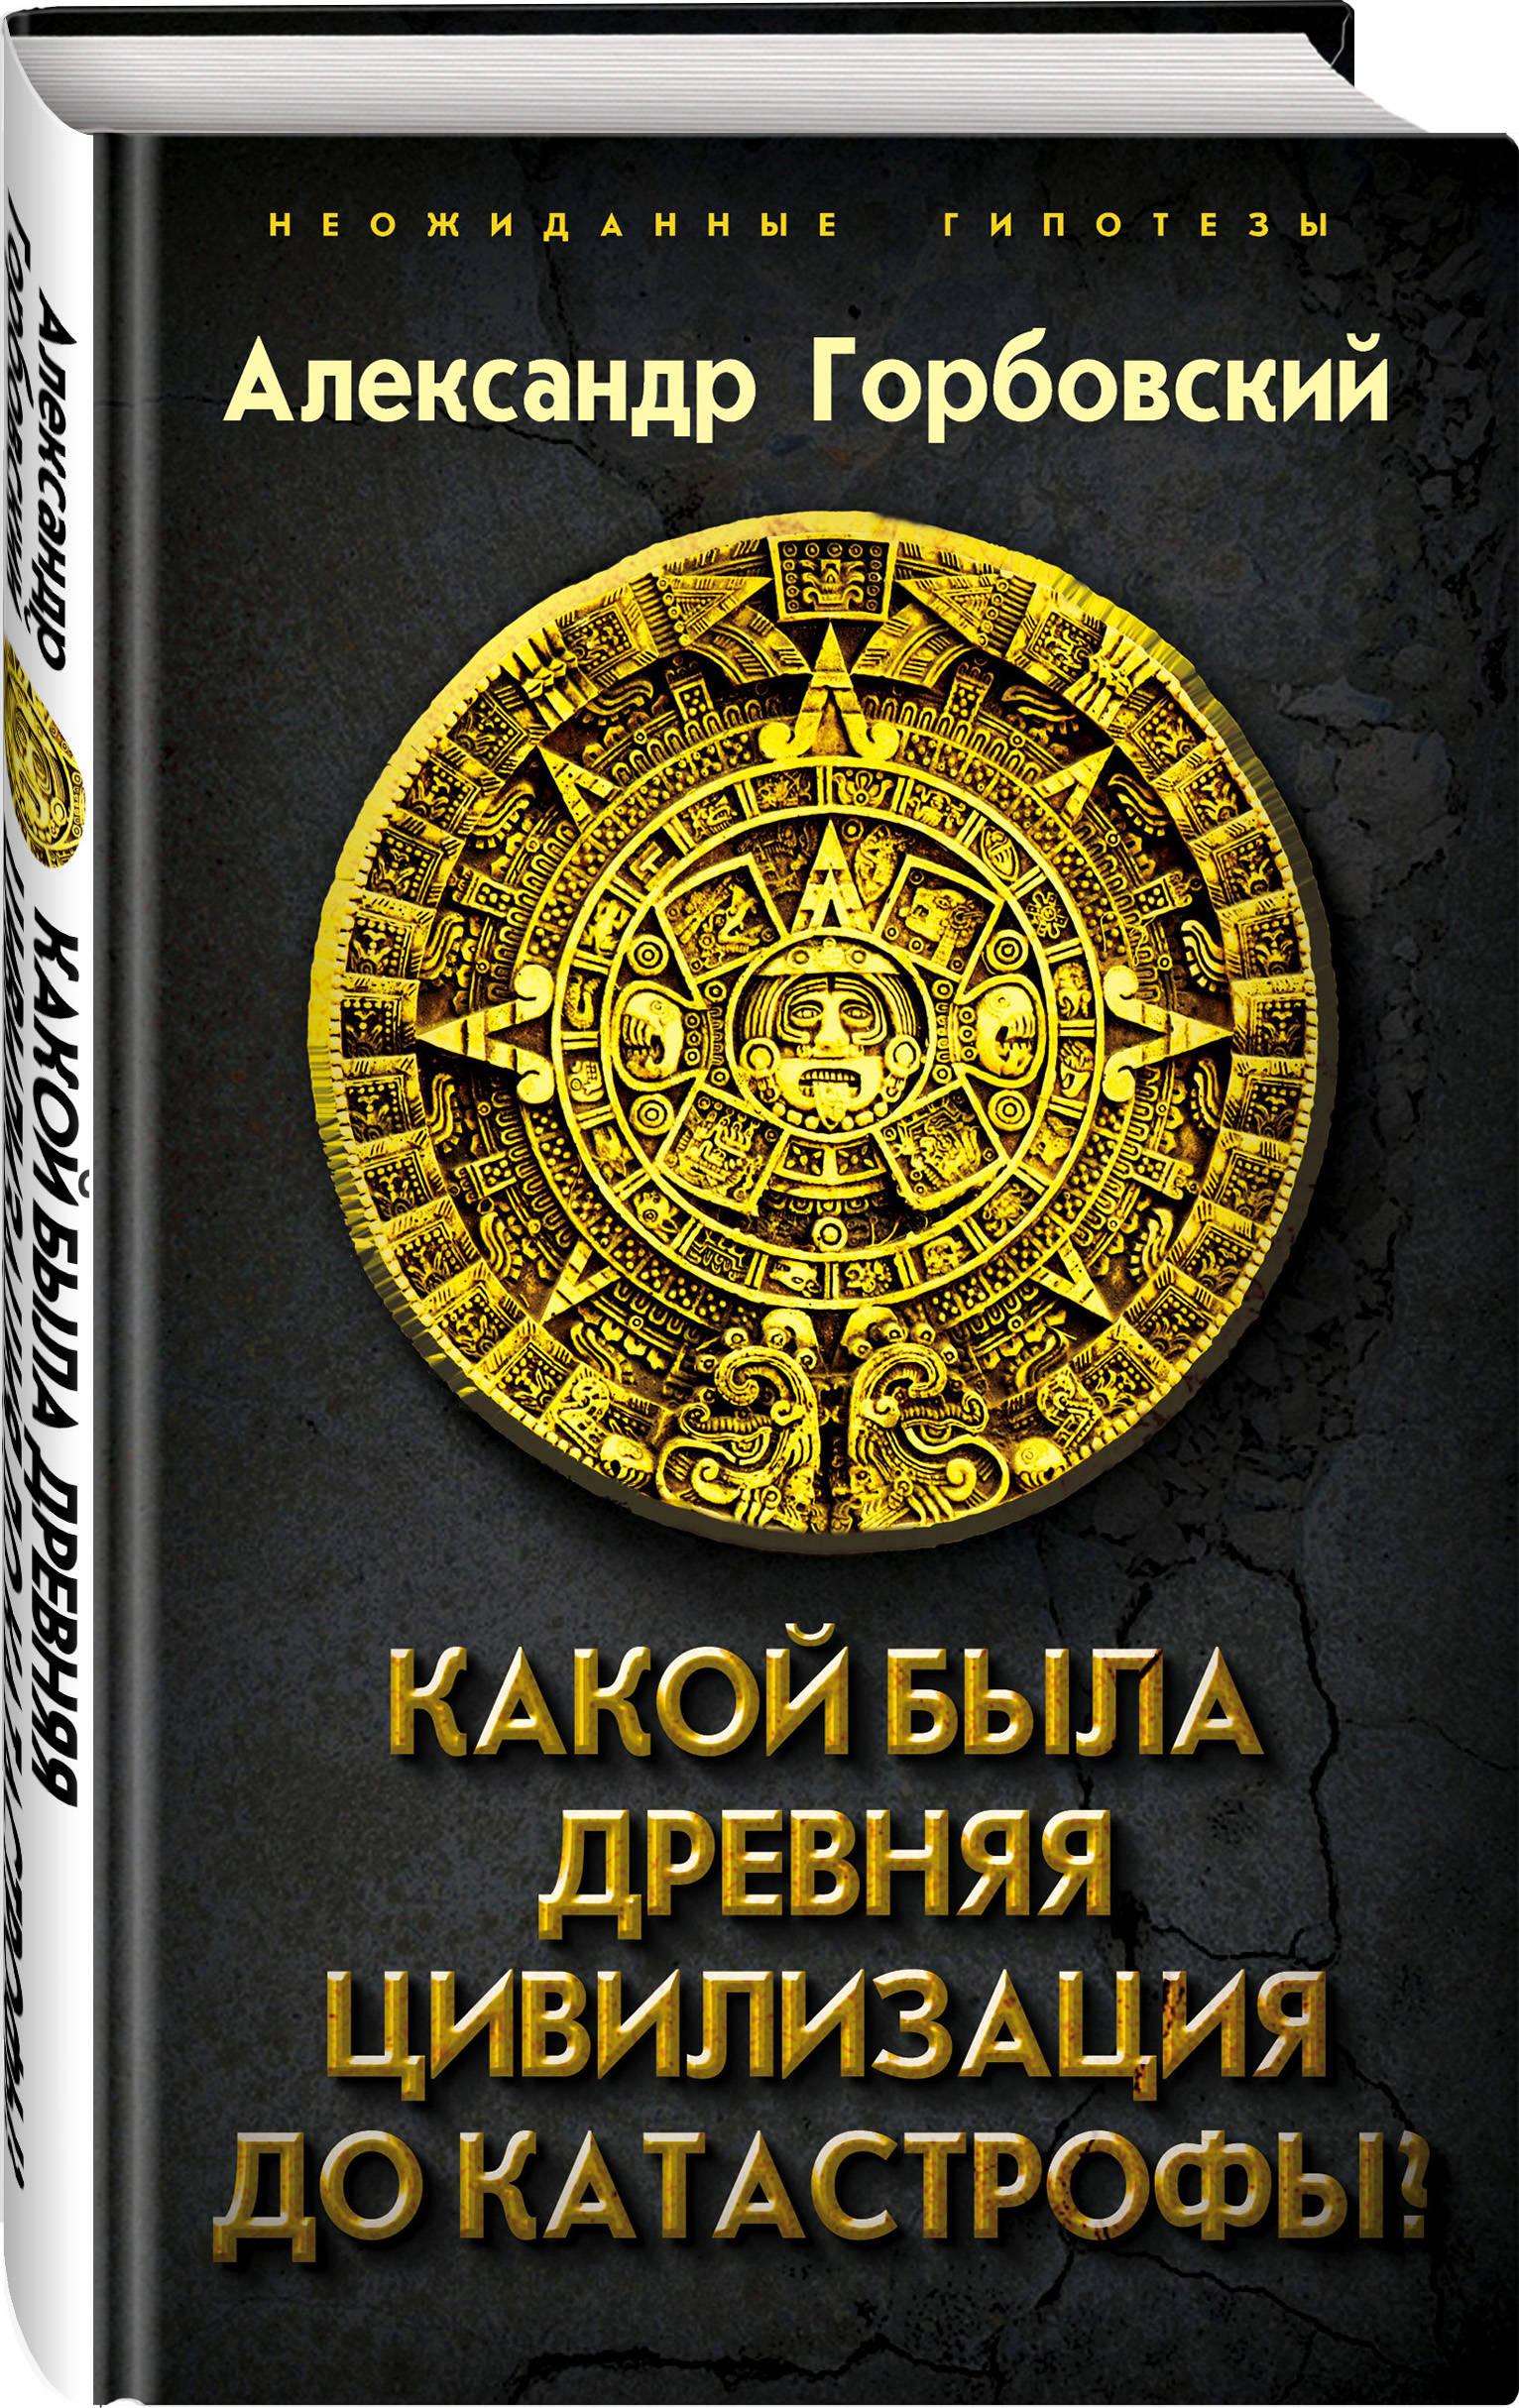 Александр Горбовский Какой была древняя Цивилизация до Катастрофы? горбовский а какой была древняя цивилизация до катастрофы